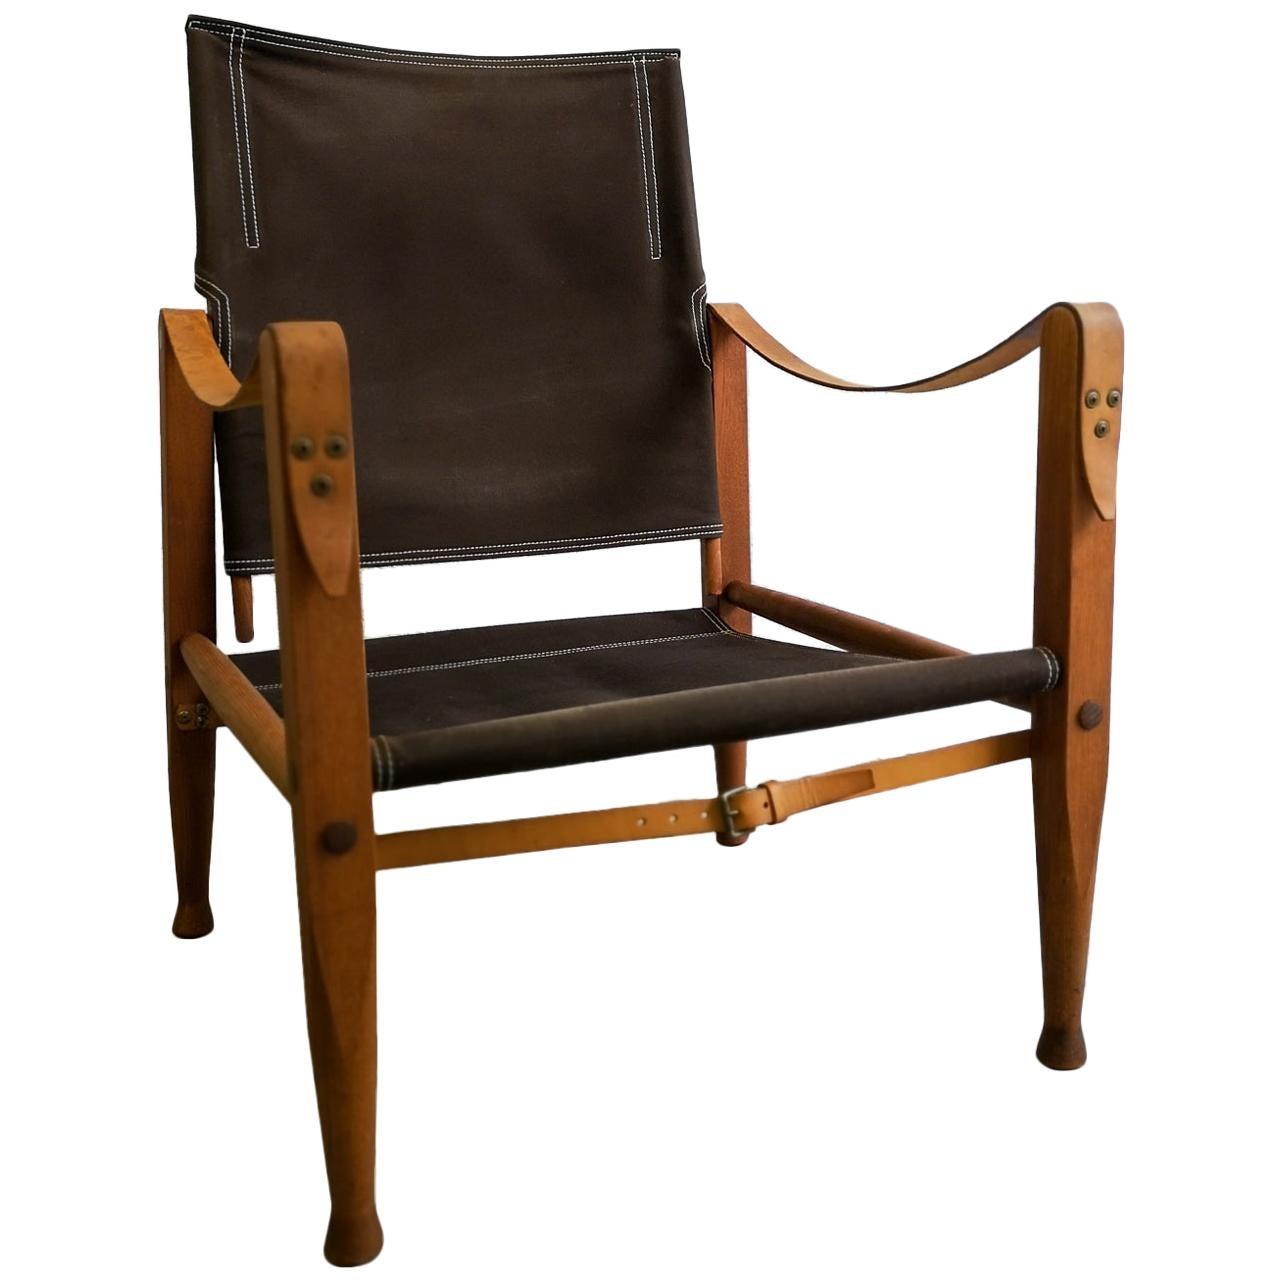 Midcentury Safari Chair Kaare Klint by Rud Rasmussen